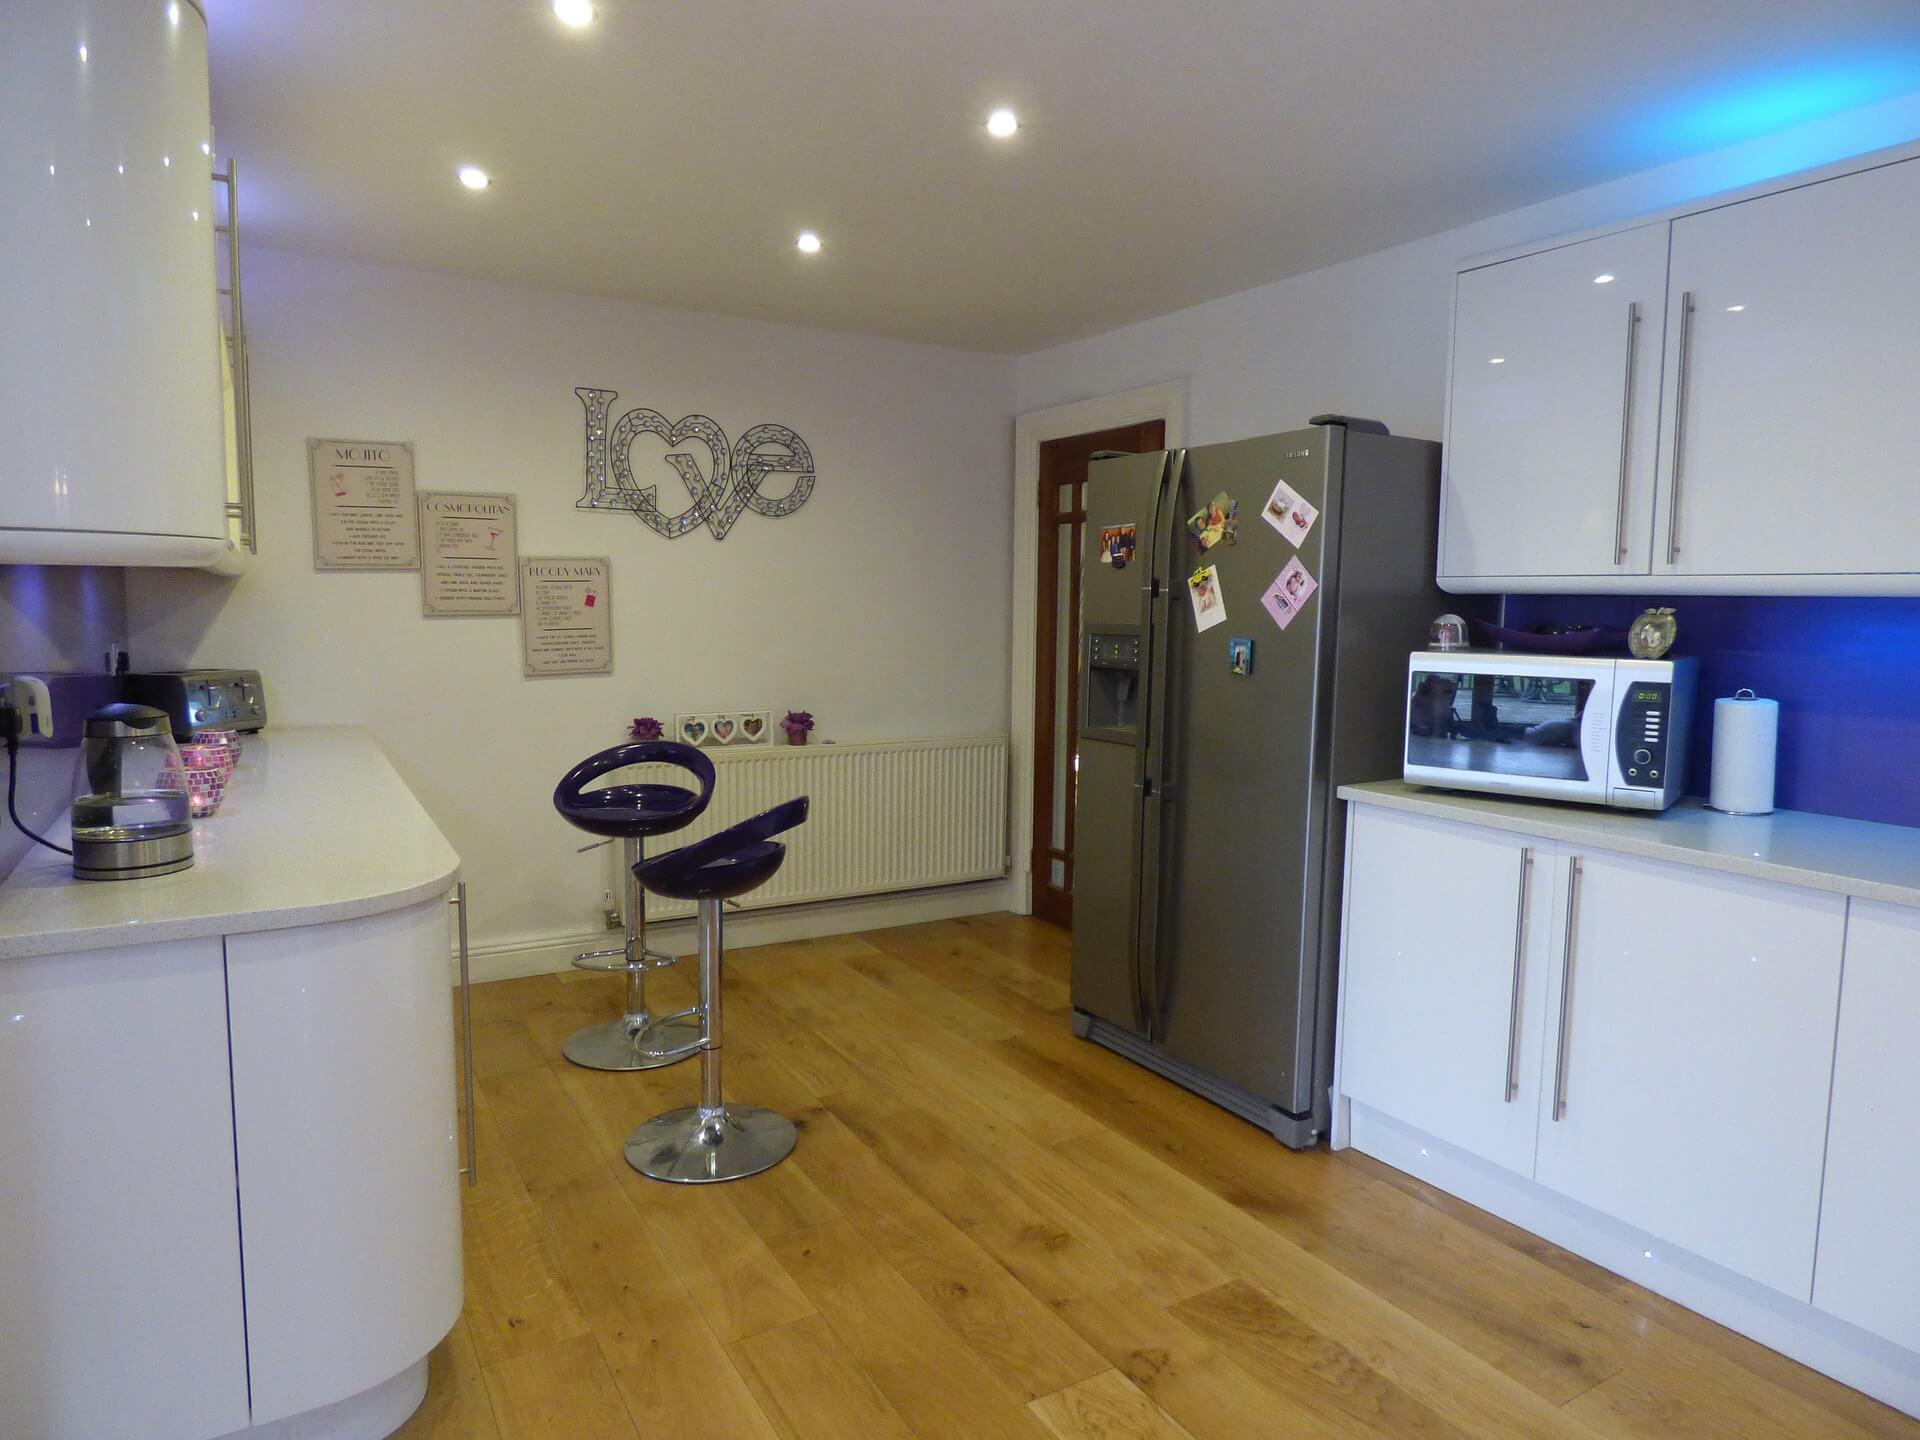 Disposizioni di cucina su due lati adiacenti. Disposizione Cucina Scegliamo Chiara Fedele Interior Design